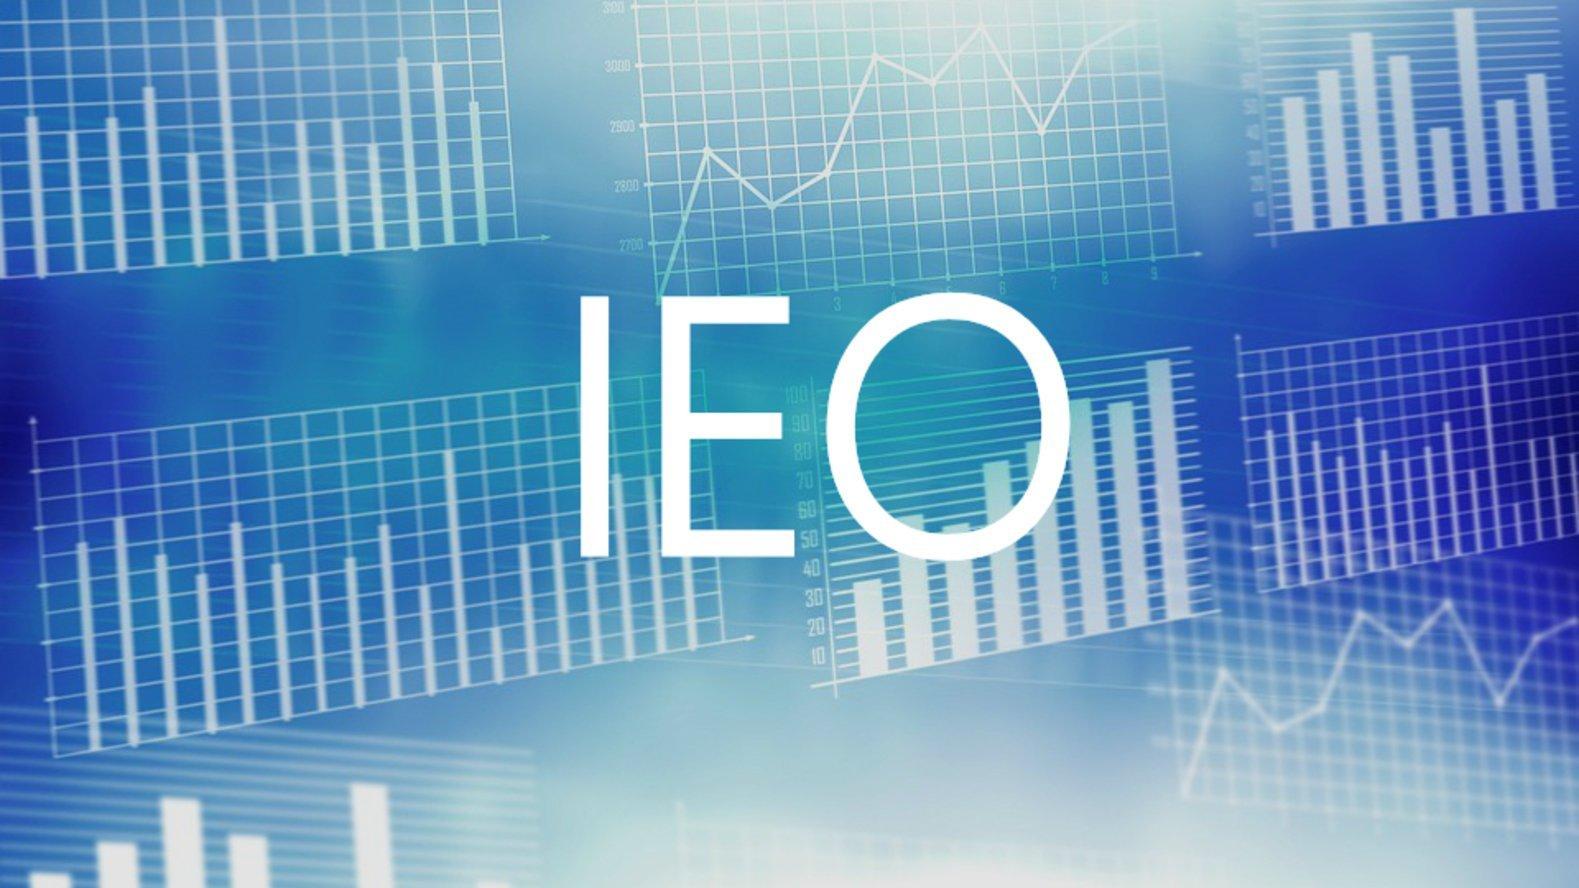 Kryptomeny IEO: BNB, HT, OKB a KCS žnú veľké zisky